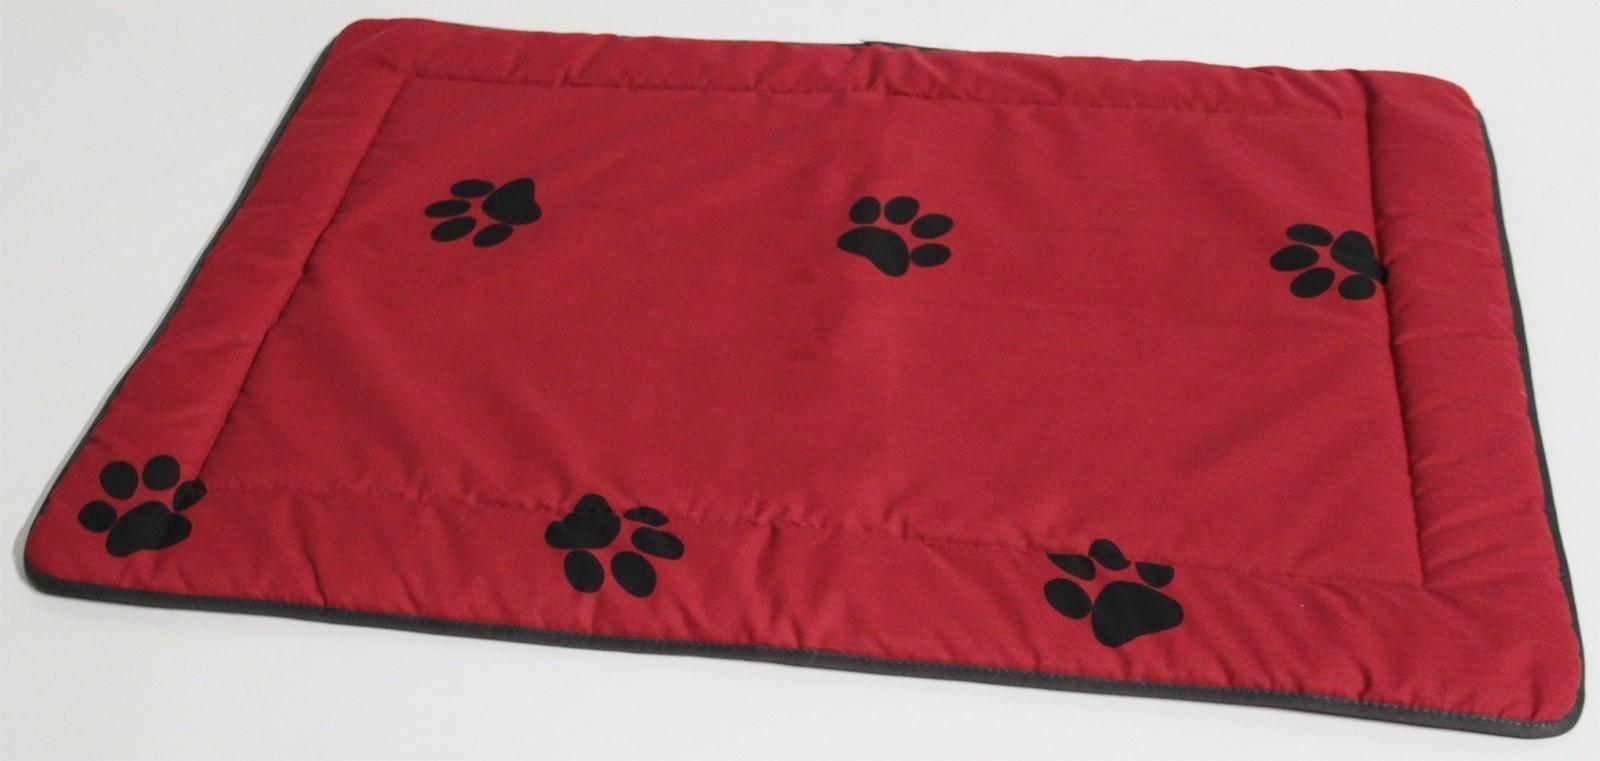 Hundedecke / Hundekissen Beo 95x65cm M322 rot / grau Bild 1